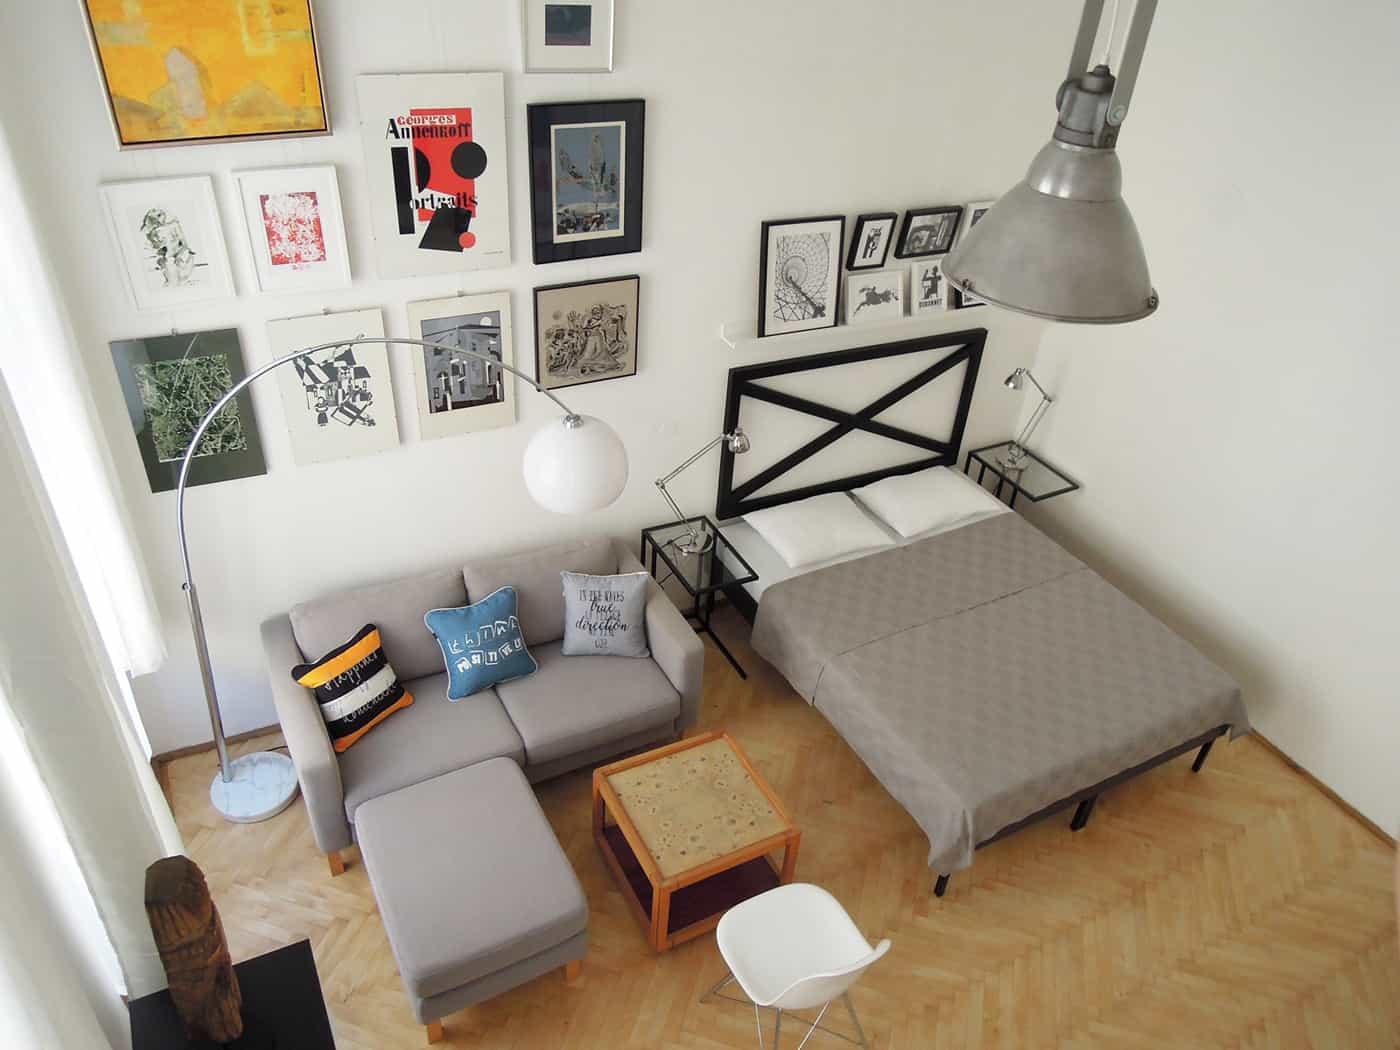 Studio apartment in Budapest